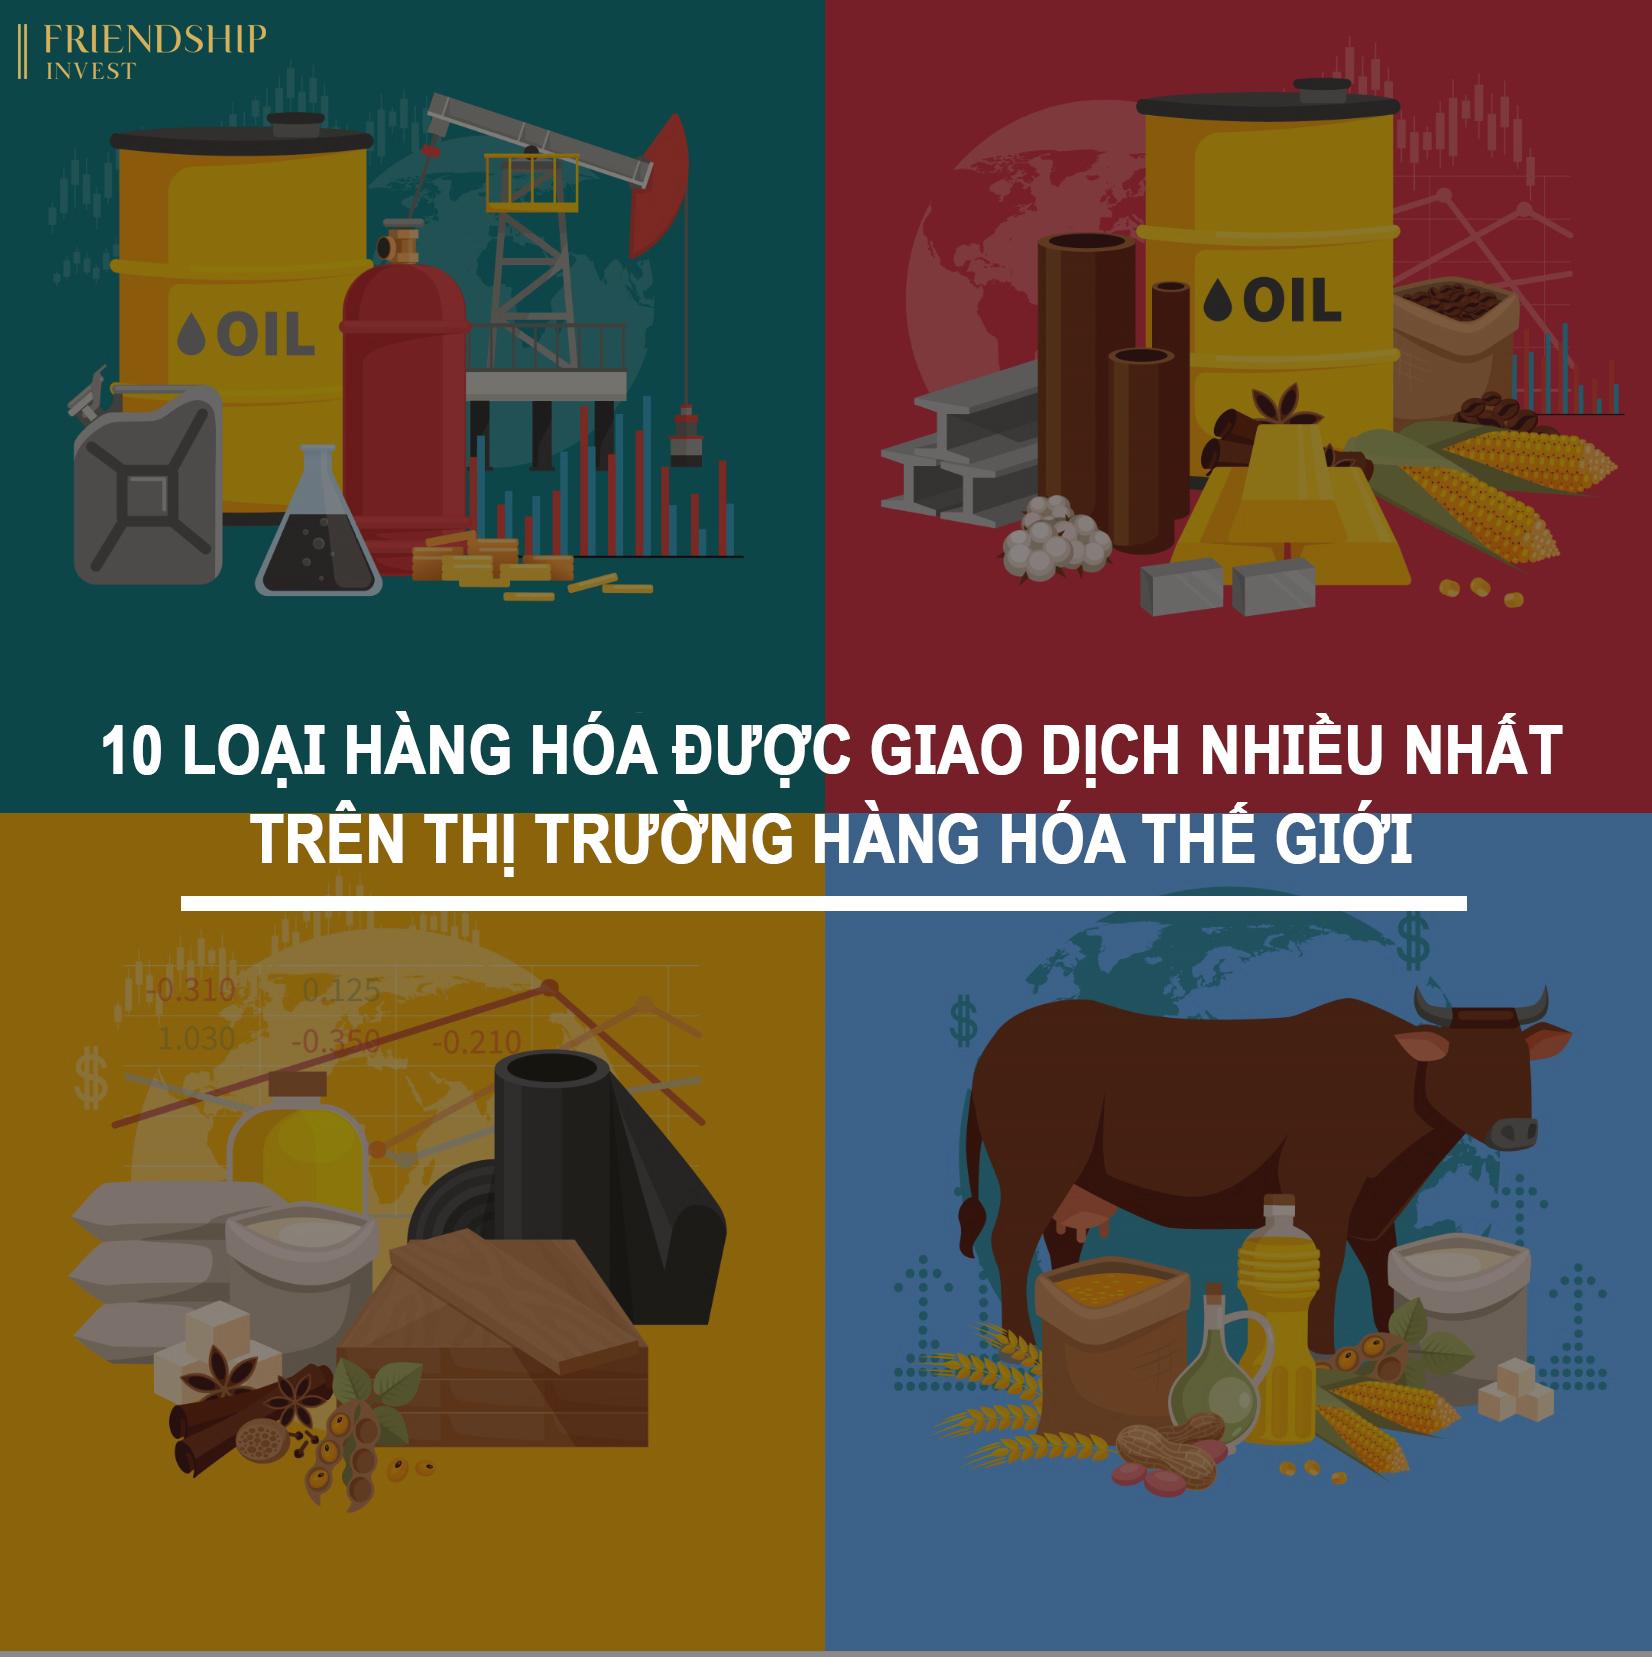 Hàng hóa được giao dịch nhiều nhất trên thị trường hàng hóa thế giới